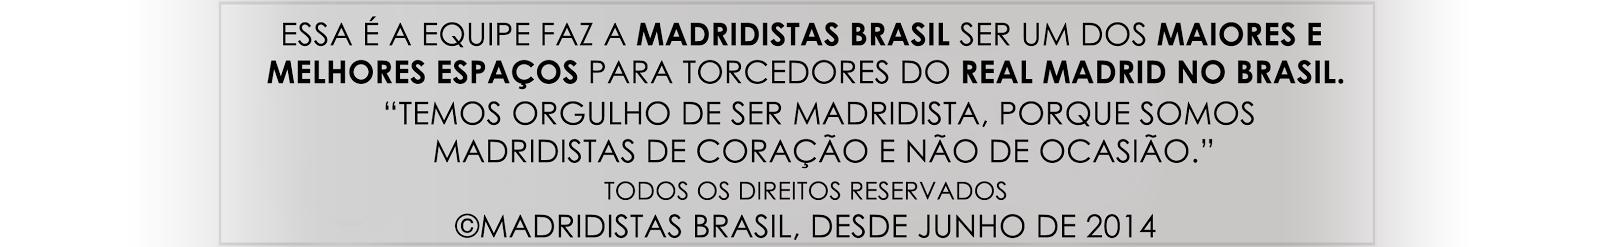 http://madridistasbrasil.blogspot.com.br/